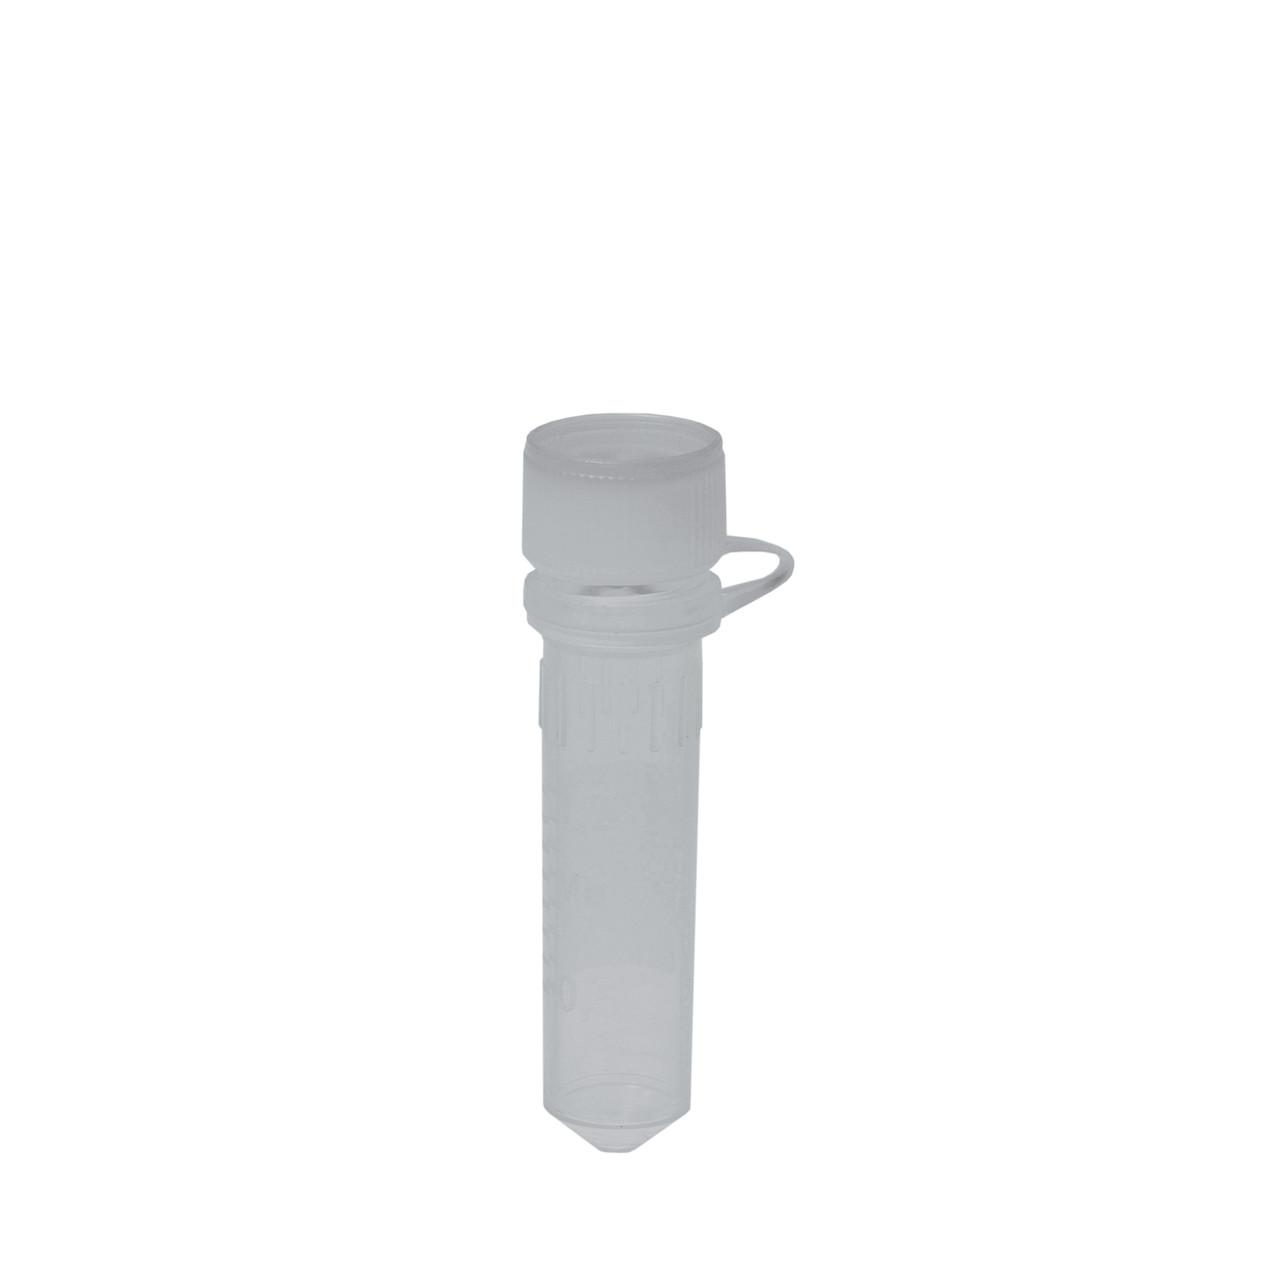 Микропробирки 2 мл, ПП, с винтовой крышкой-слотом, стерильные, свободные от ДНКаз, РНКаз